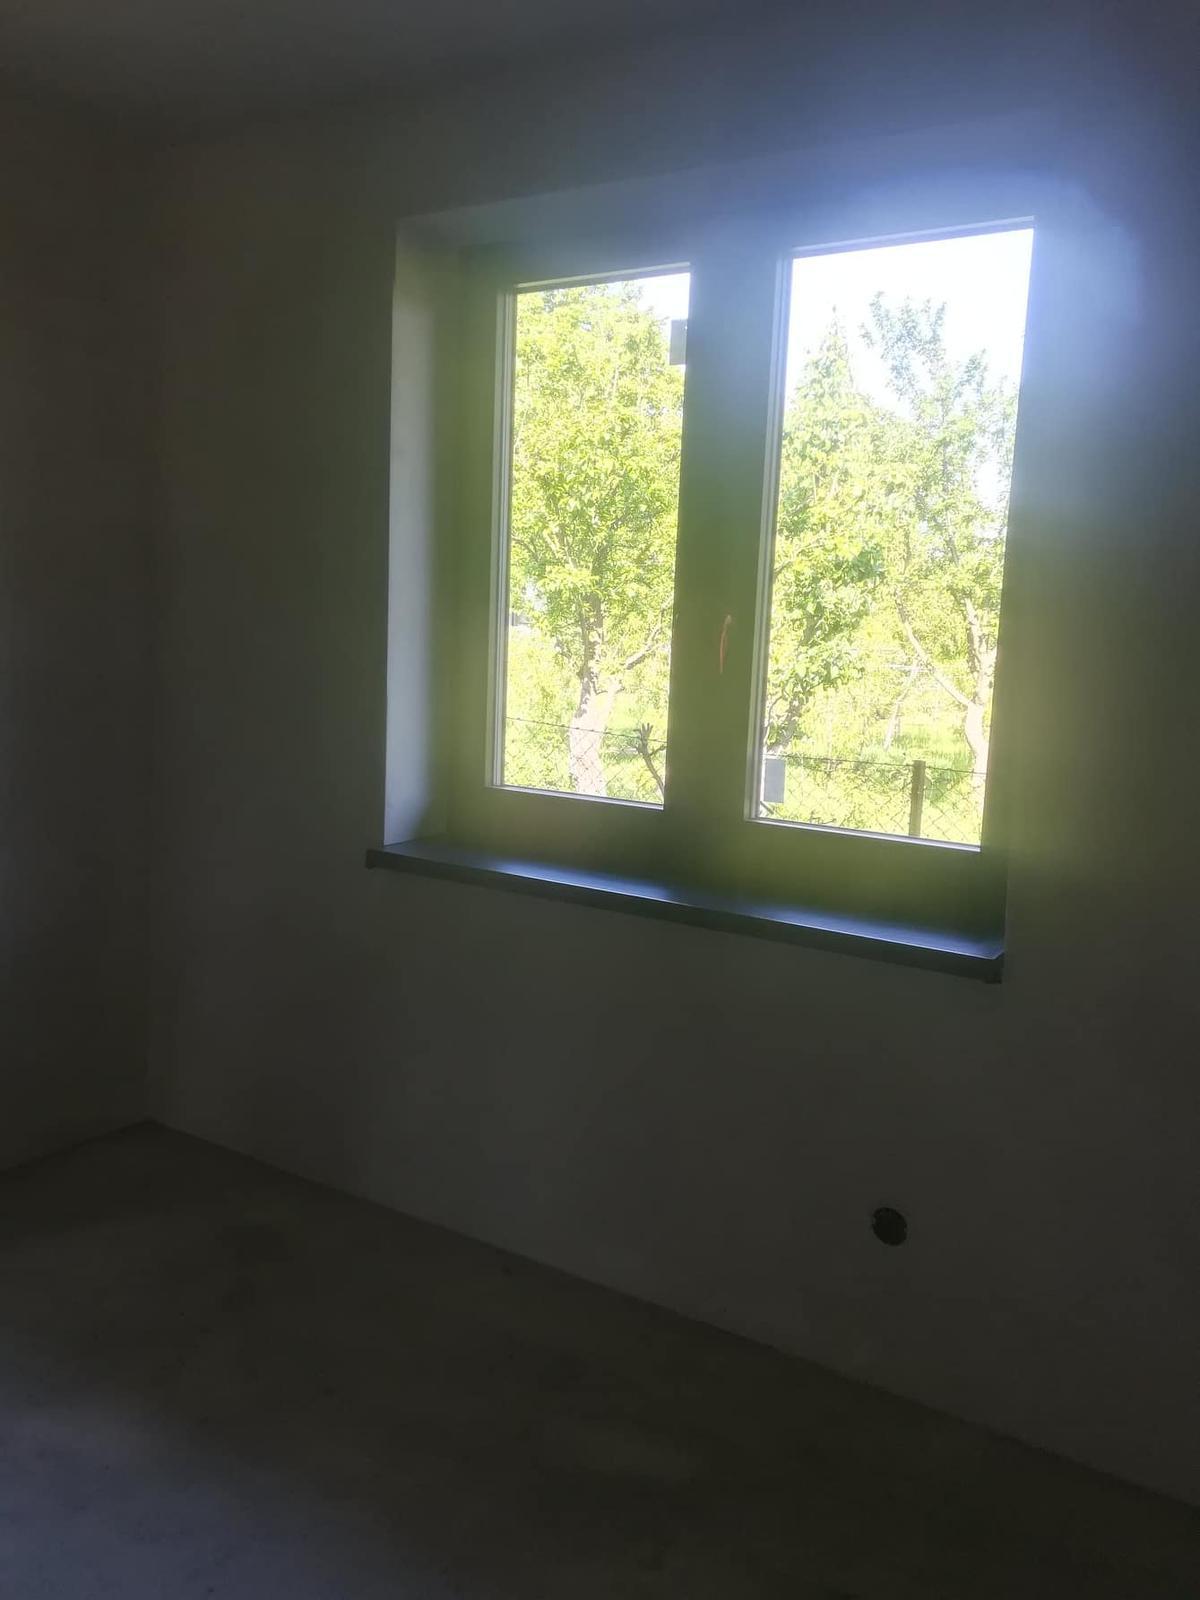 Pozemok + projekt + hruba stavba - Obrázok č. 474